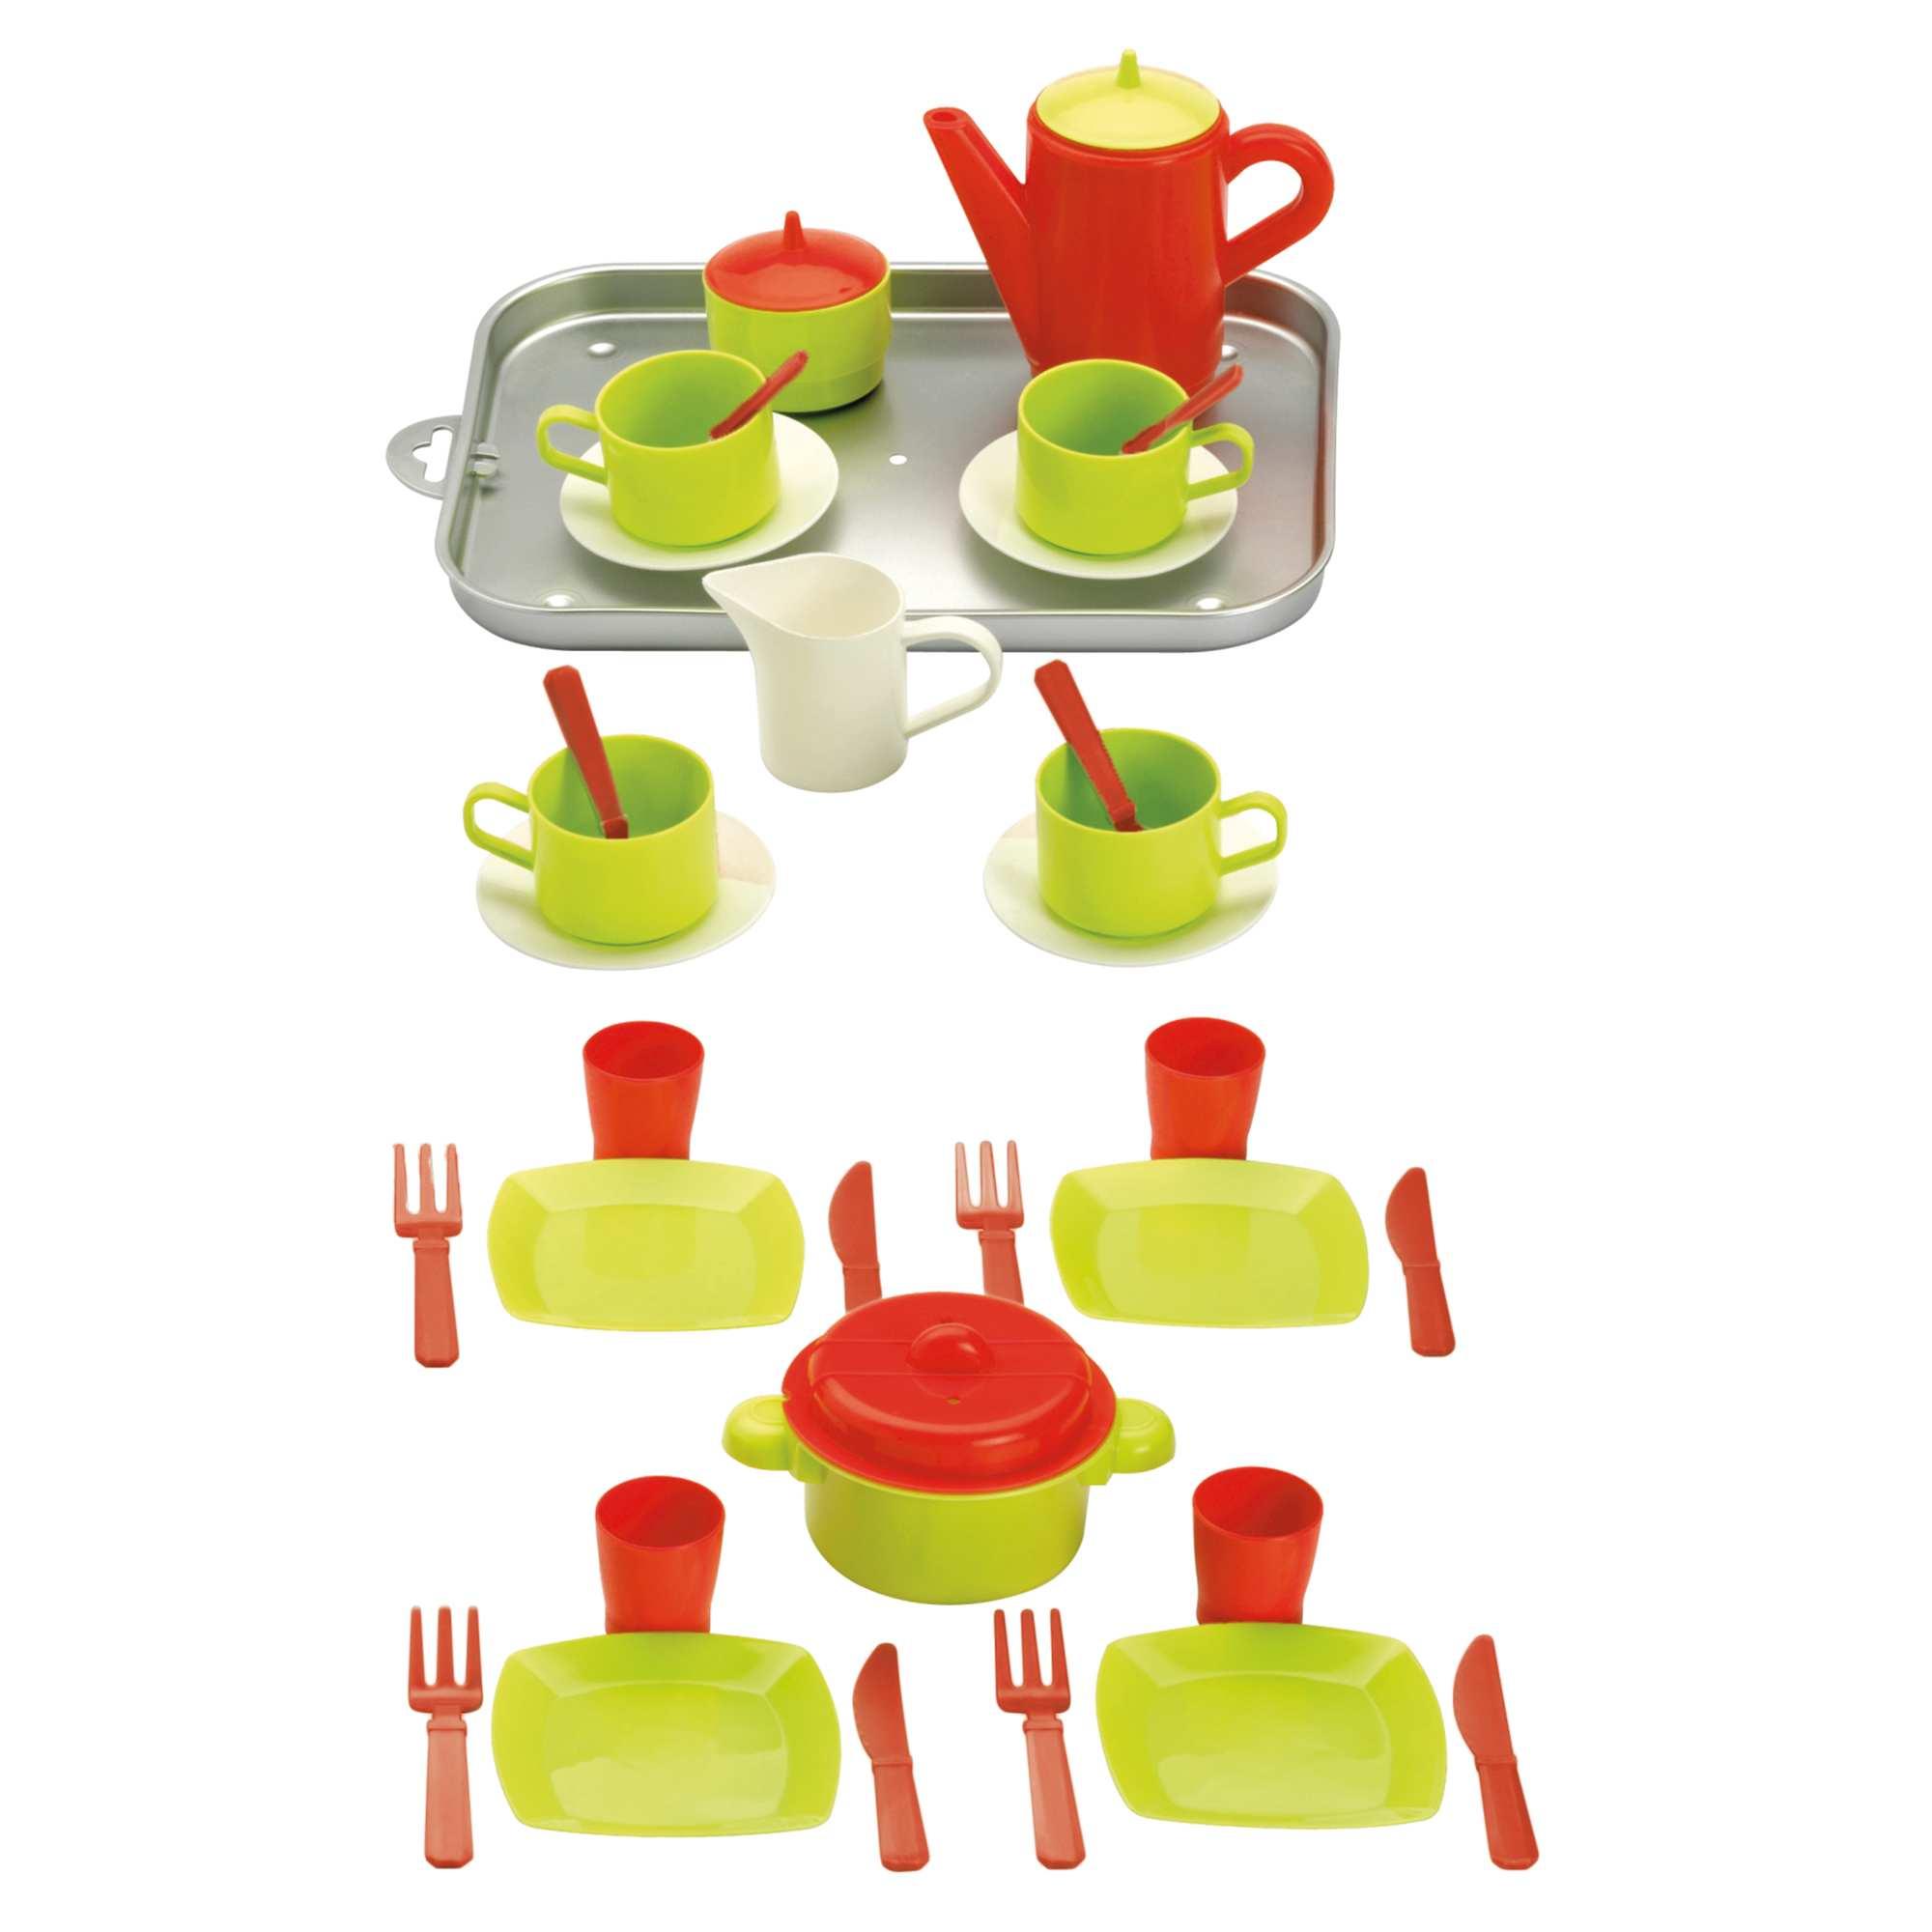 Couleur : vert/rouge, , ,, - Taille : TU, , ,,Un set complet pour jouer à la dinette. - Comprend 4 tasses, 4 sous-tasses, 4